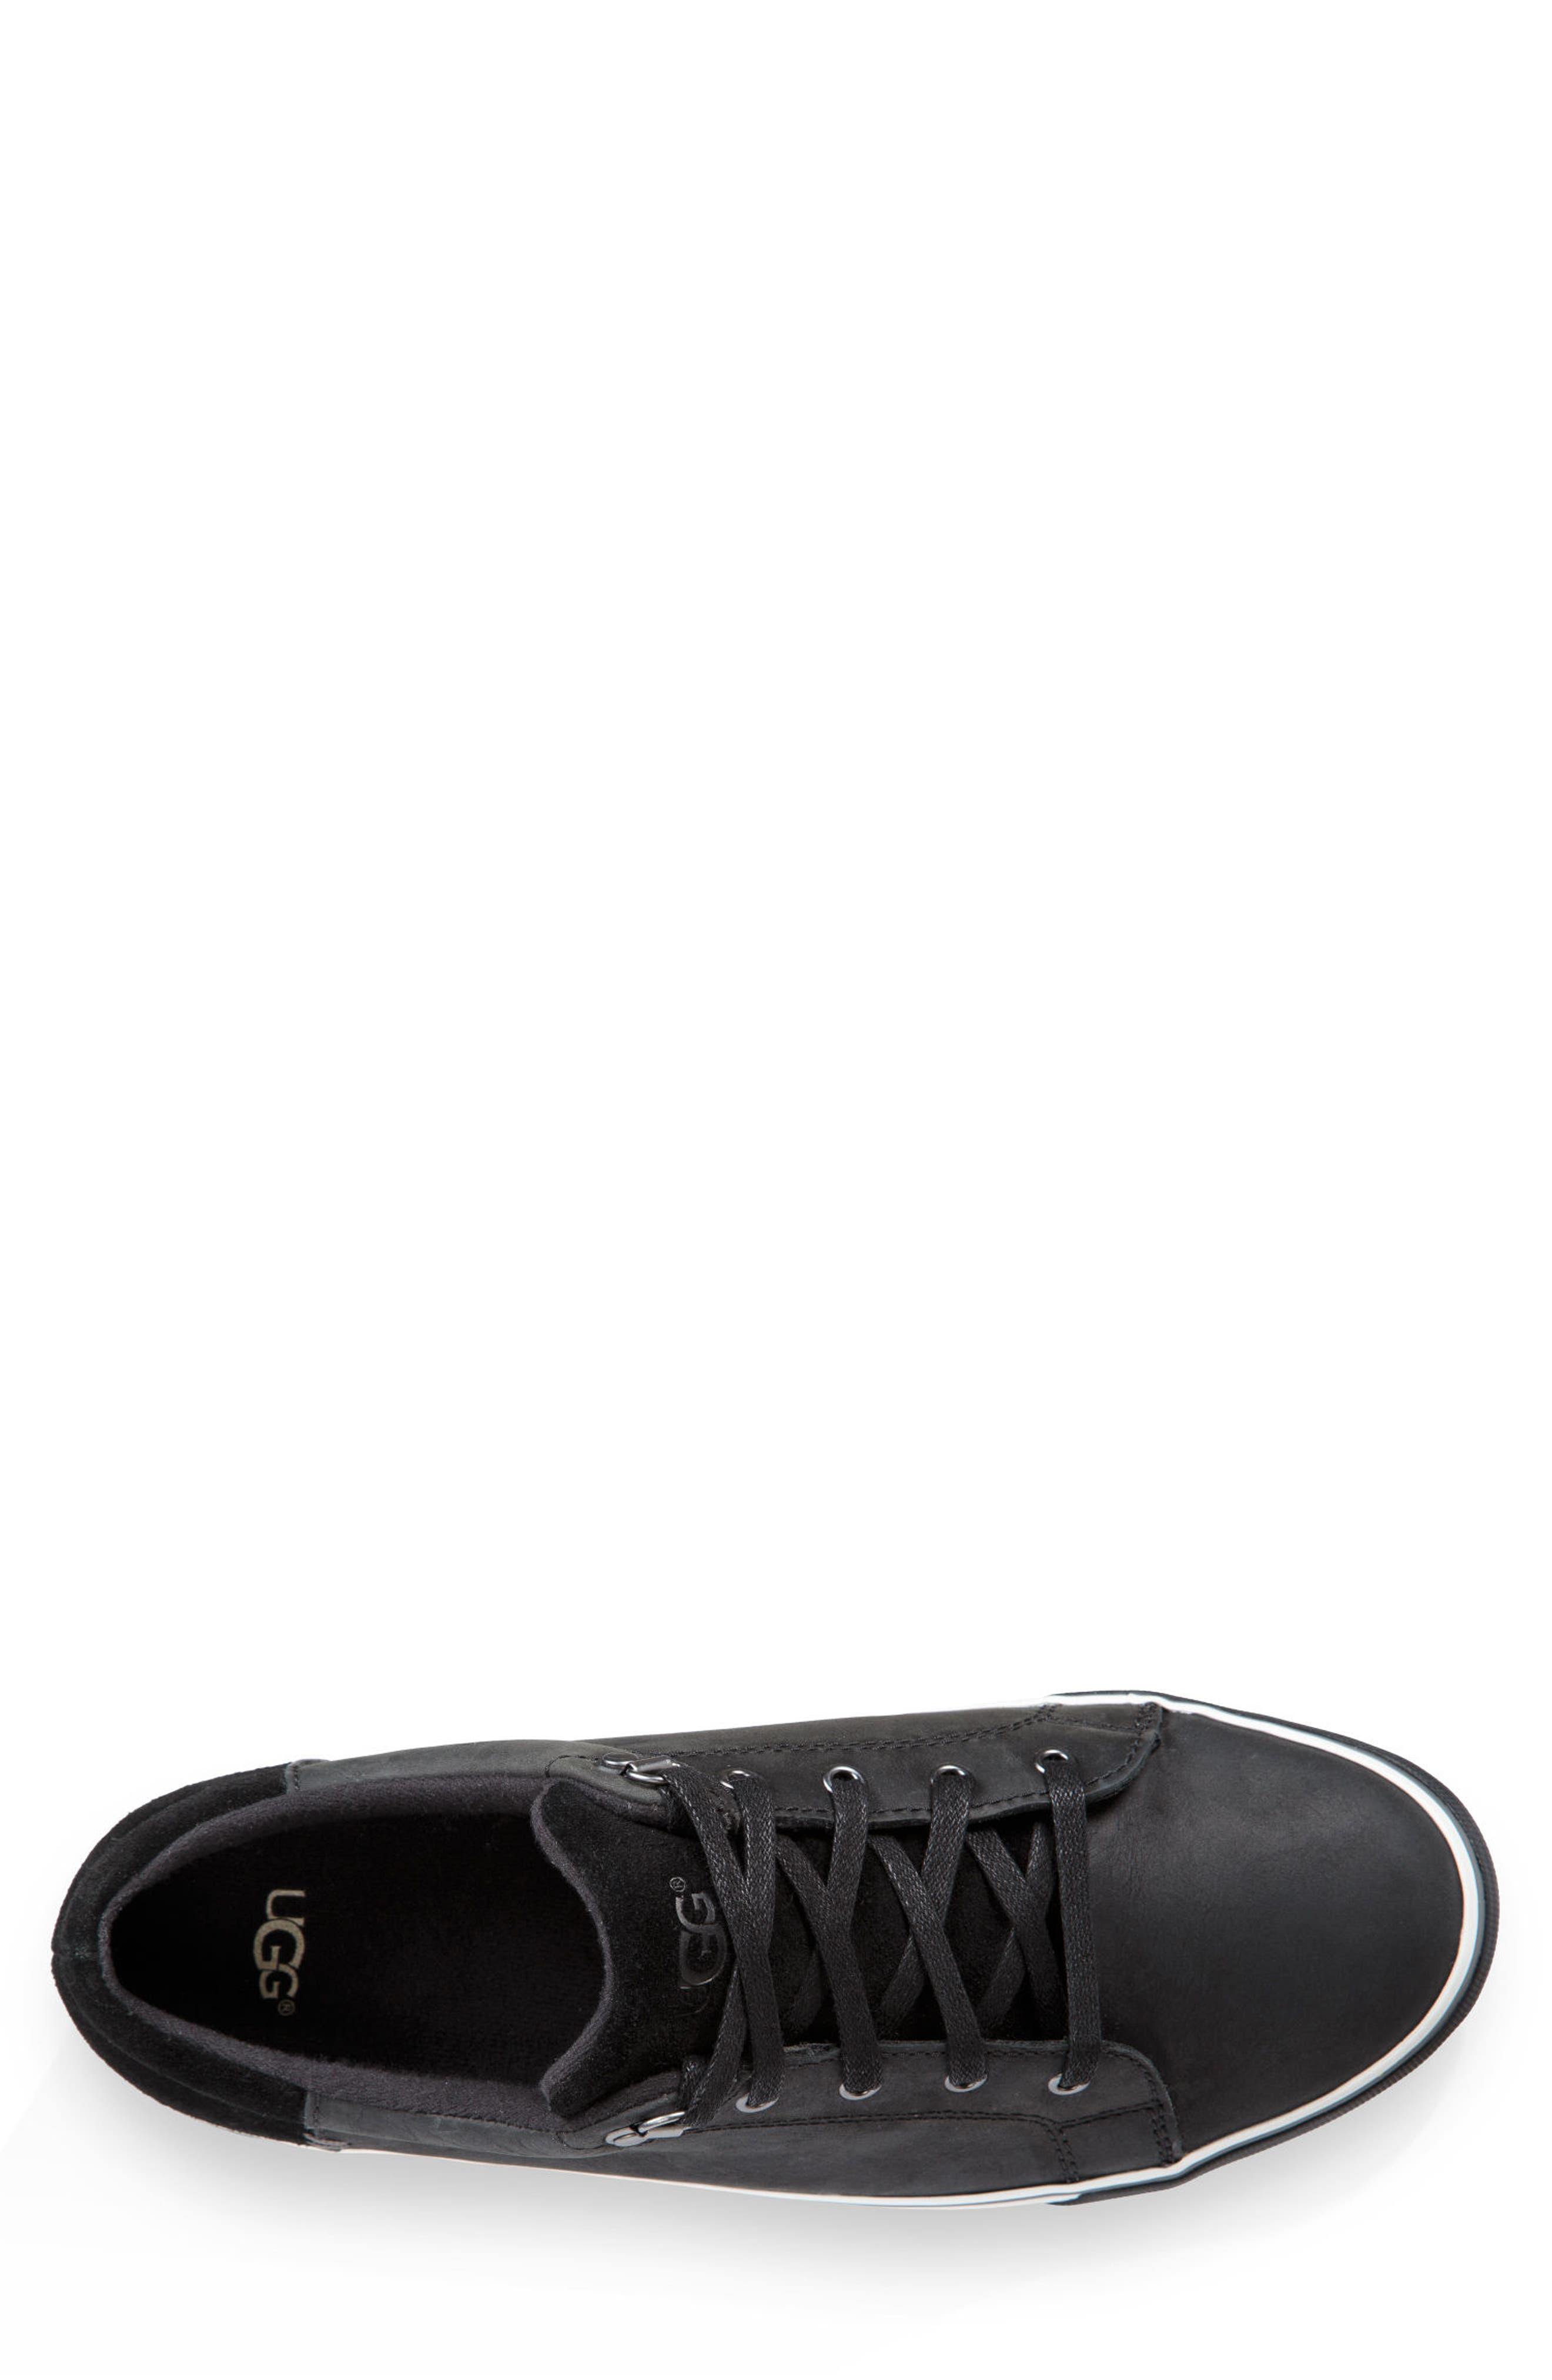 Brock II Waterproof Sneaker,                             Alternate thumbnail 4, color,                             BLACK